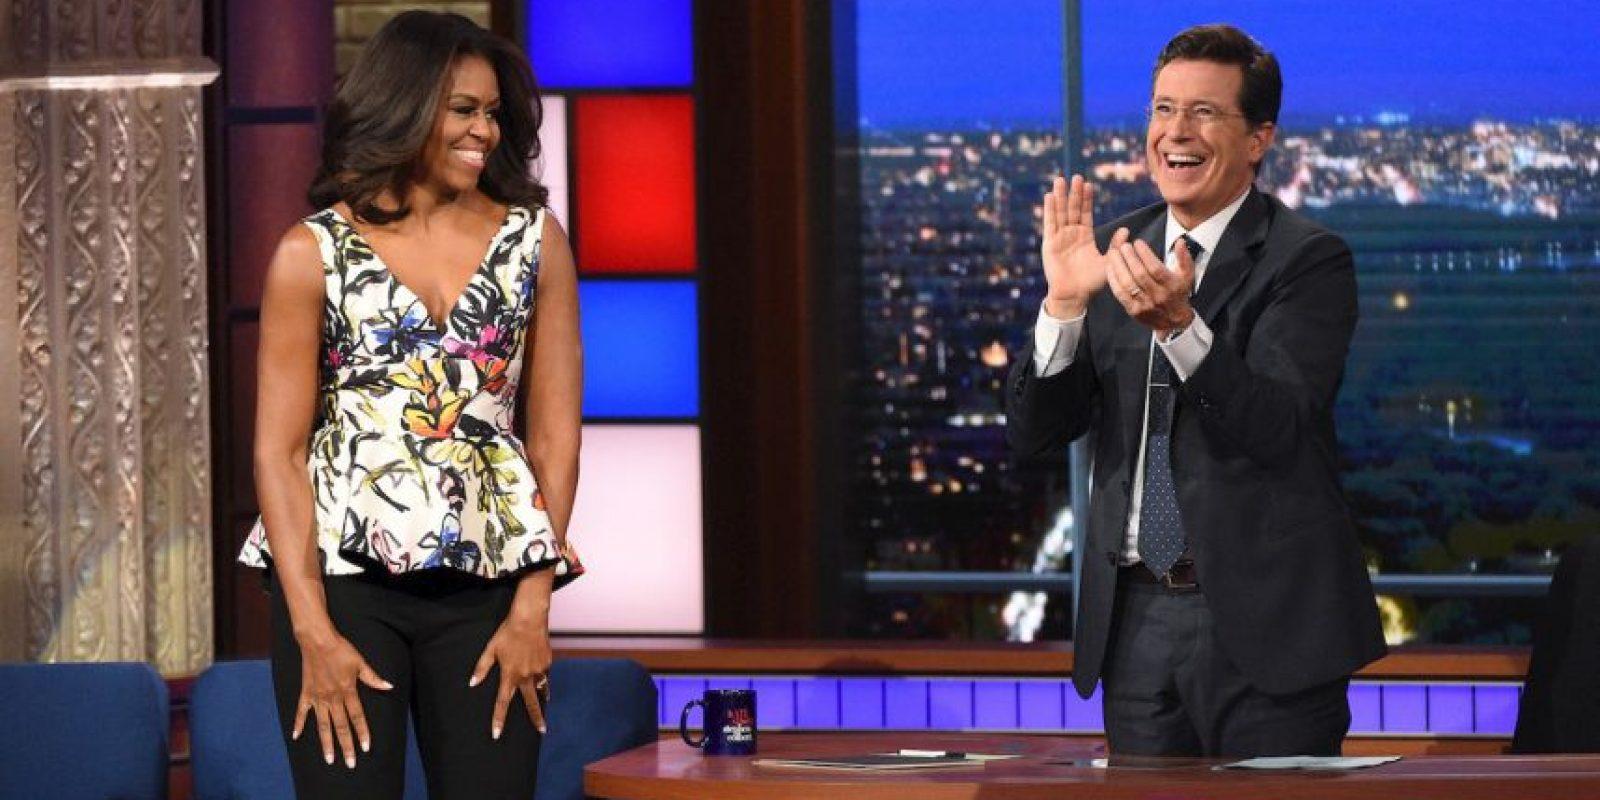 La familia Obama estará poco más de un año en la Casa Blanca. Foto:AP